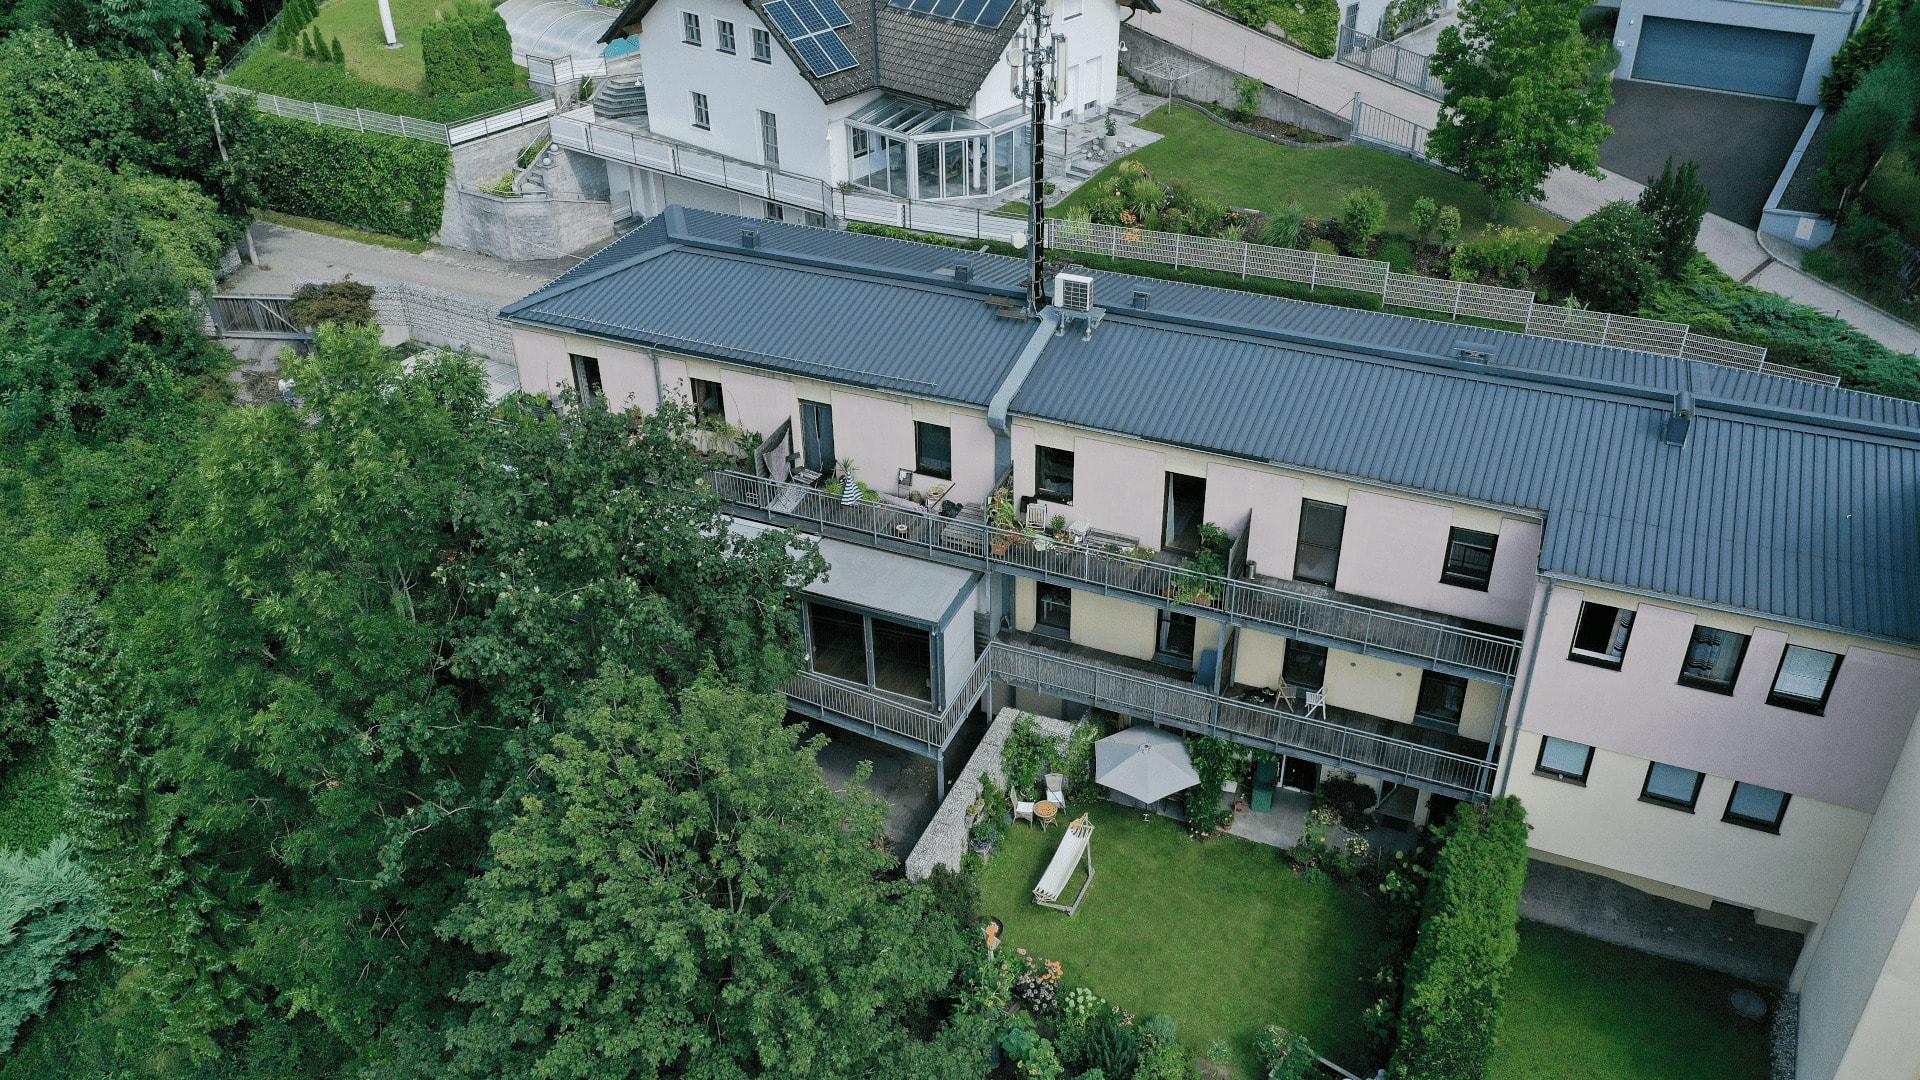 Gründberghof Top 13